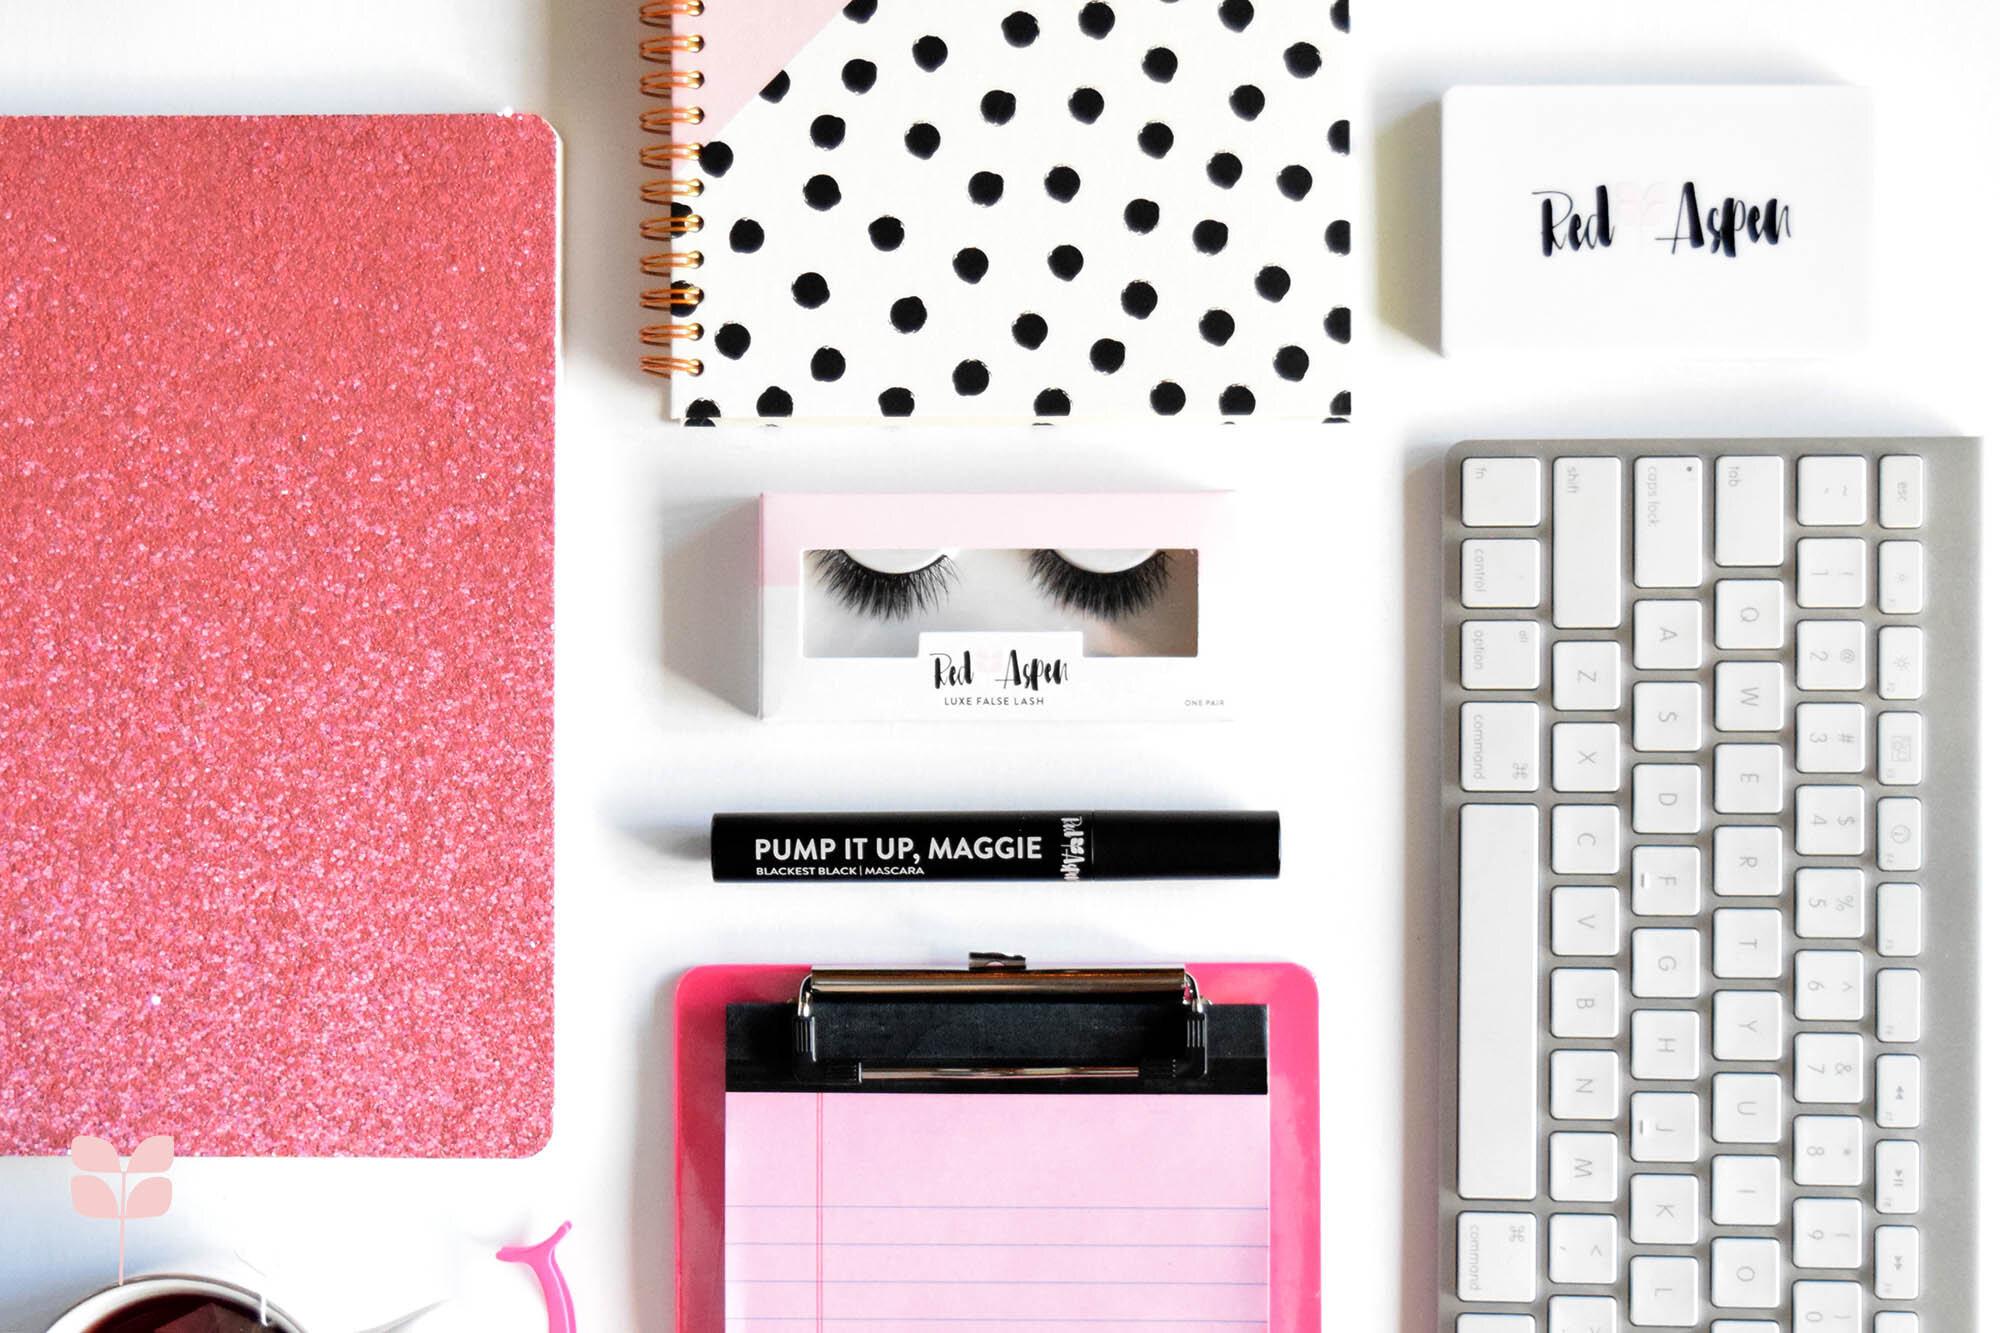 Watermark - Pump it Up, Maggie Product Desk (20).jpg